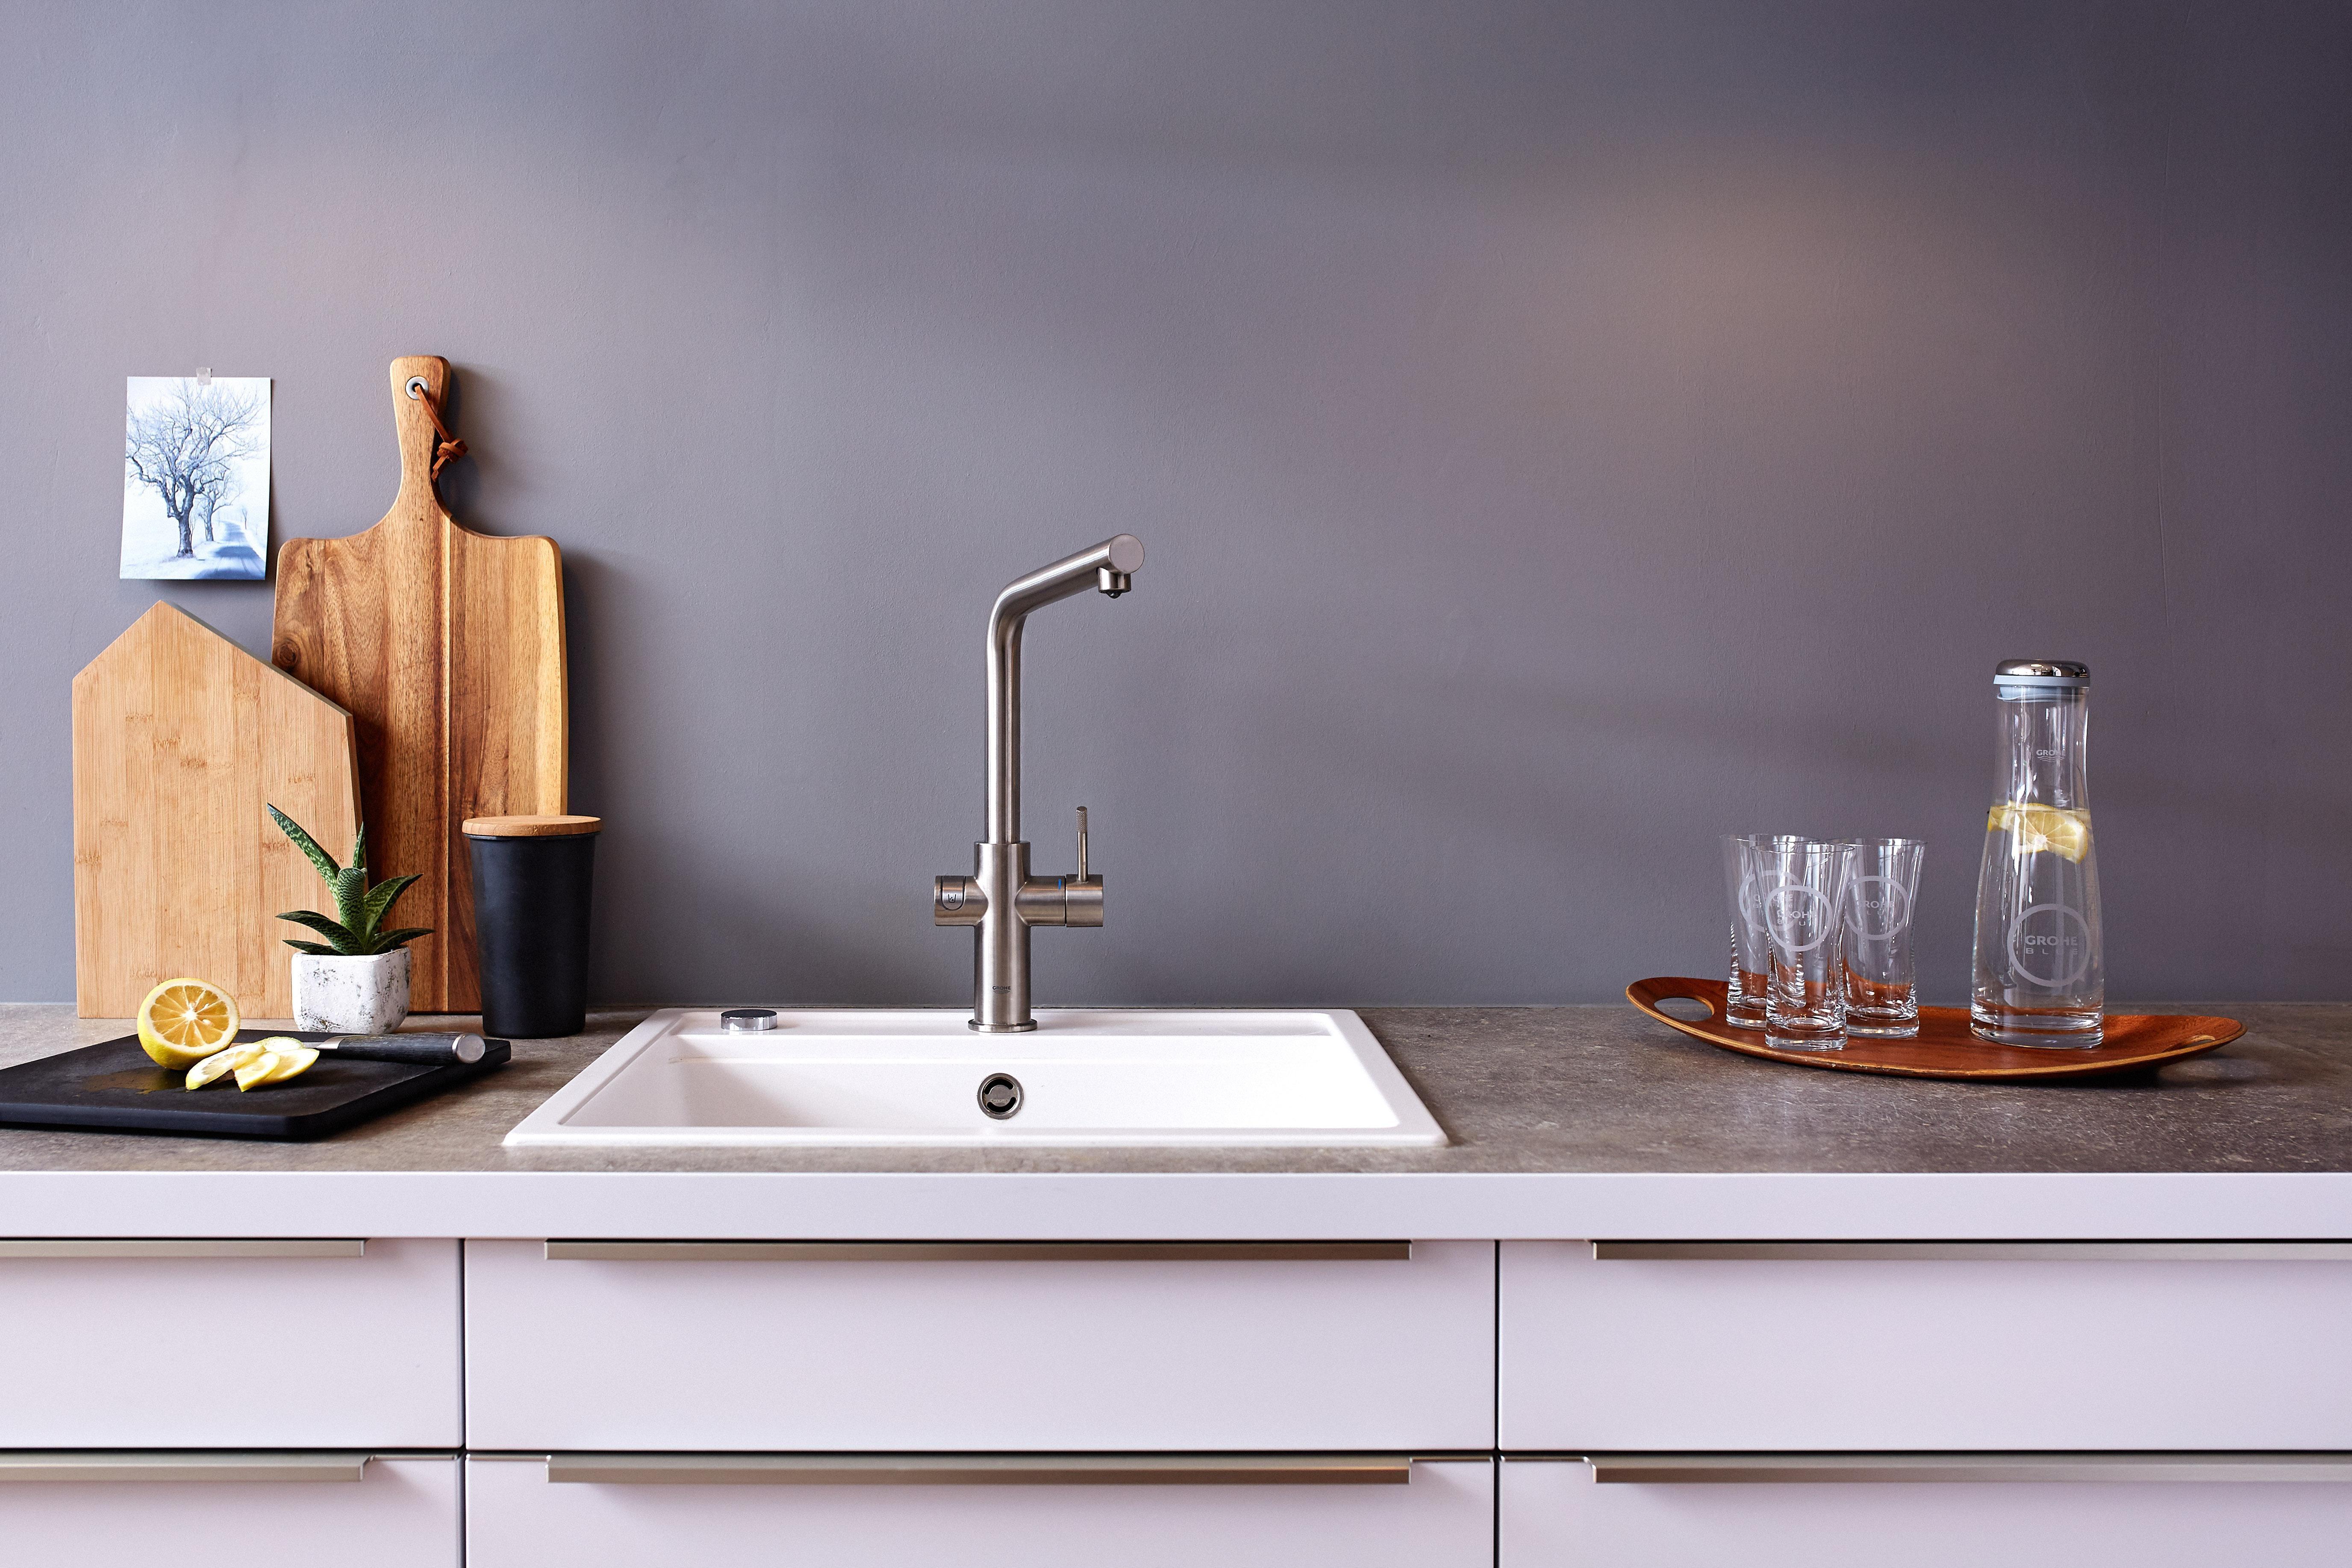 Bilder und Inspiration für moderne Küchen!